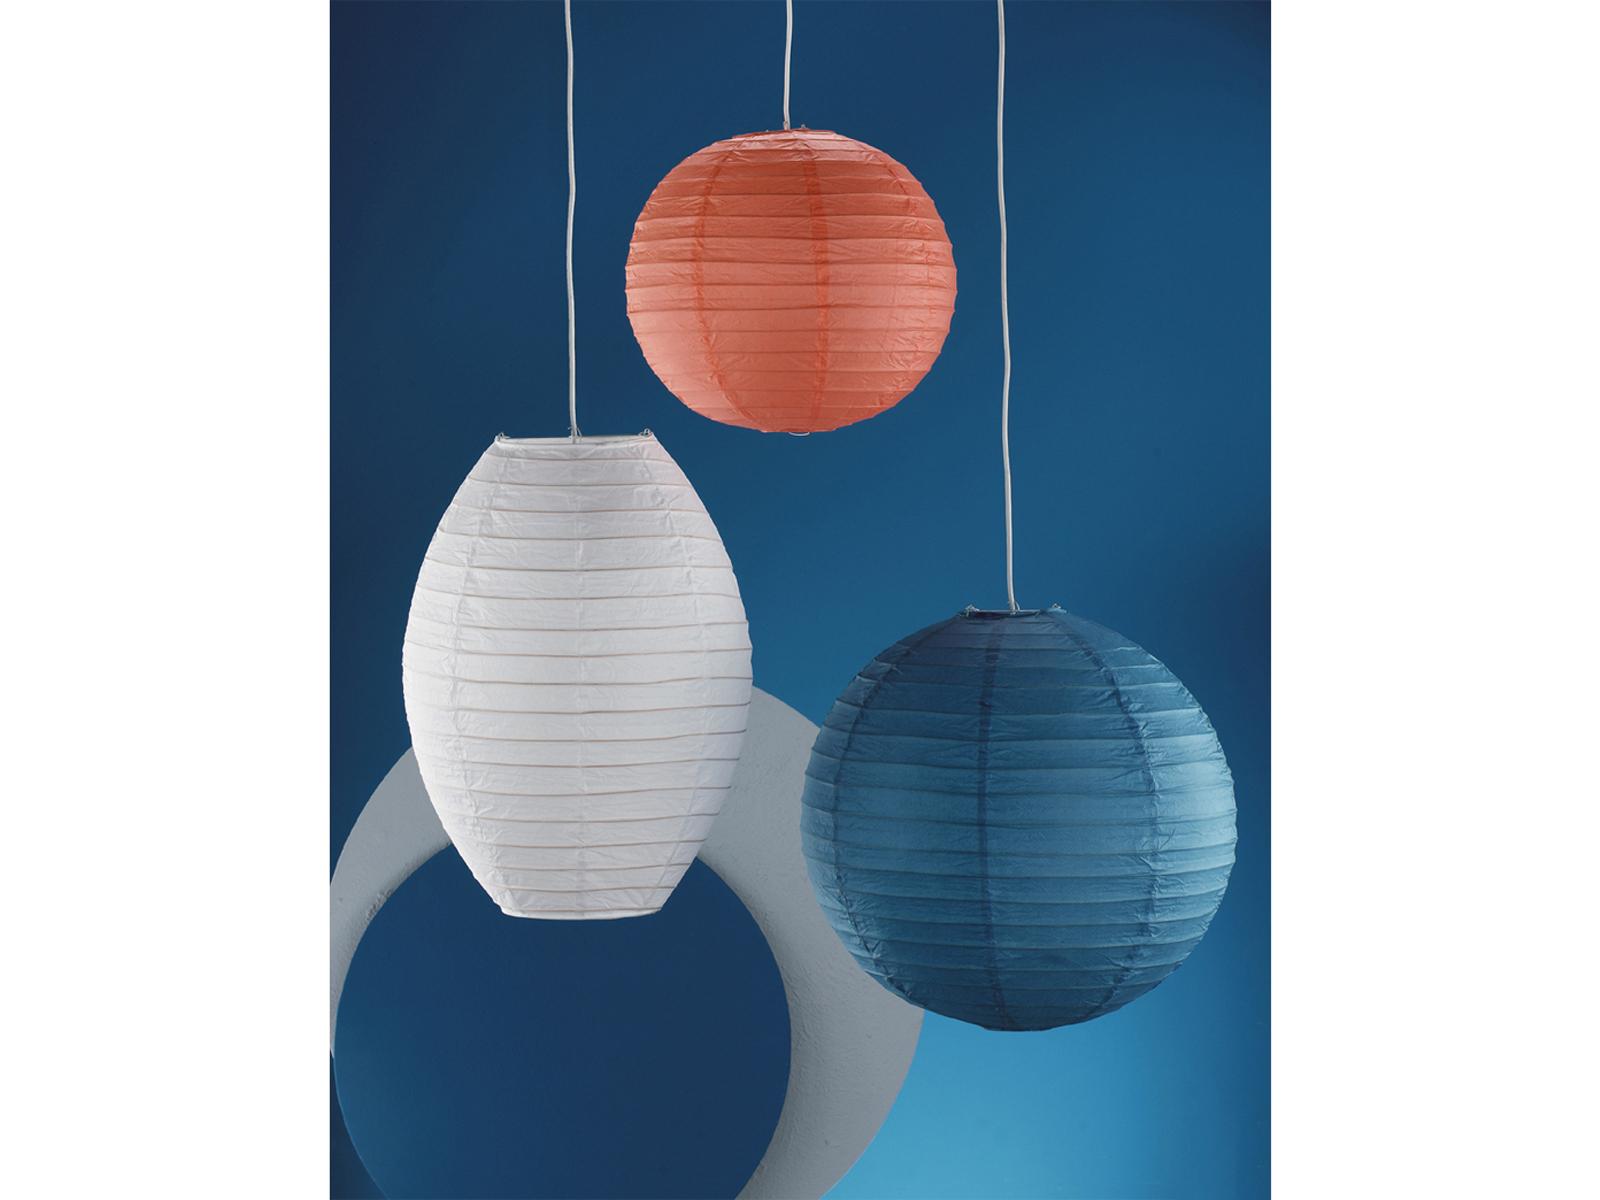 lampenschirm oval design japan kugel papier wei 40cm pendelleuchte lampion 4017807081541 ebay. Black Bedroom Furniture Sets. Home Design Ideas